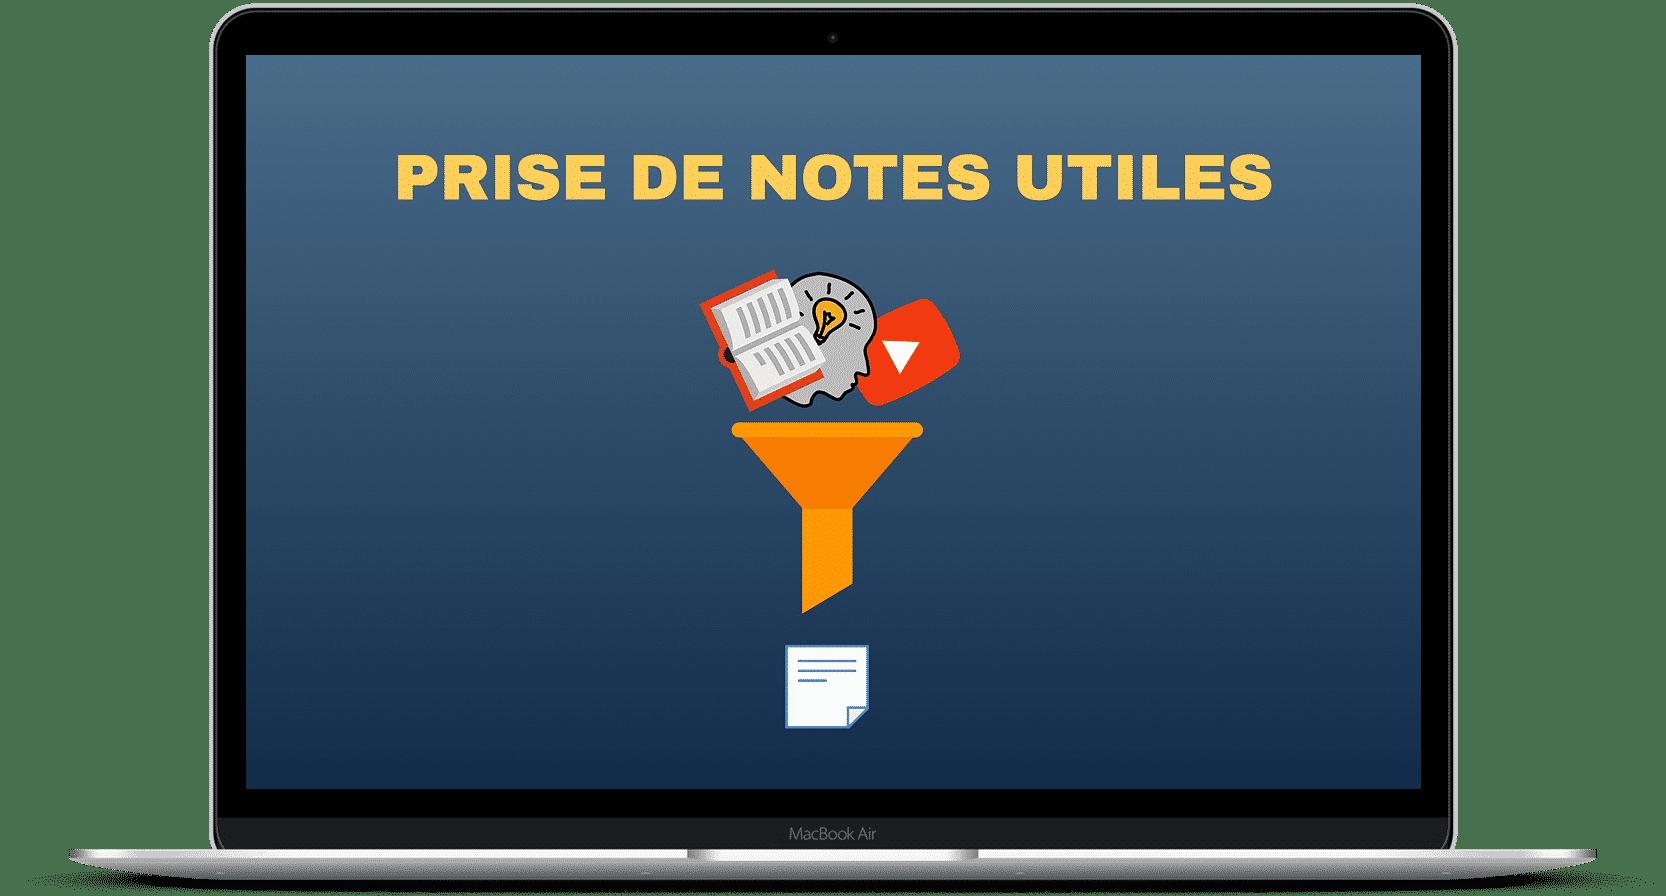 Prise de notes utiles